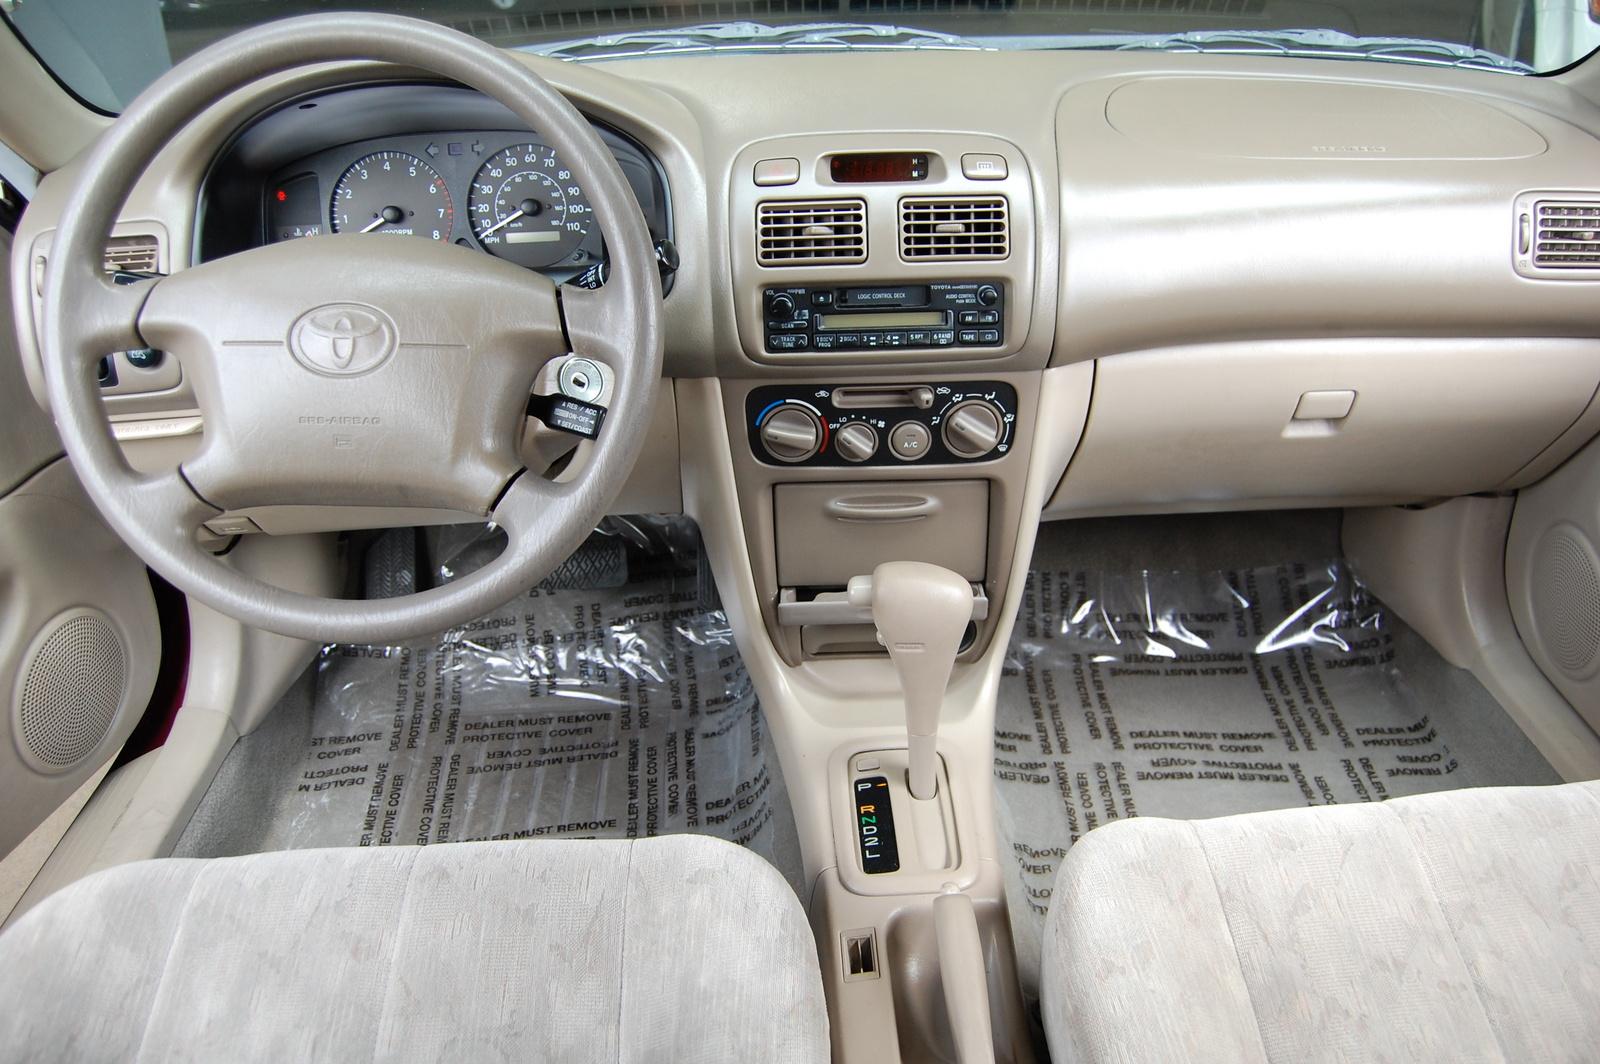 1998 Toyota Corolla Interior Pictures Cargurus